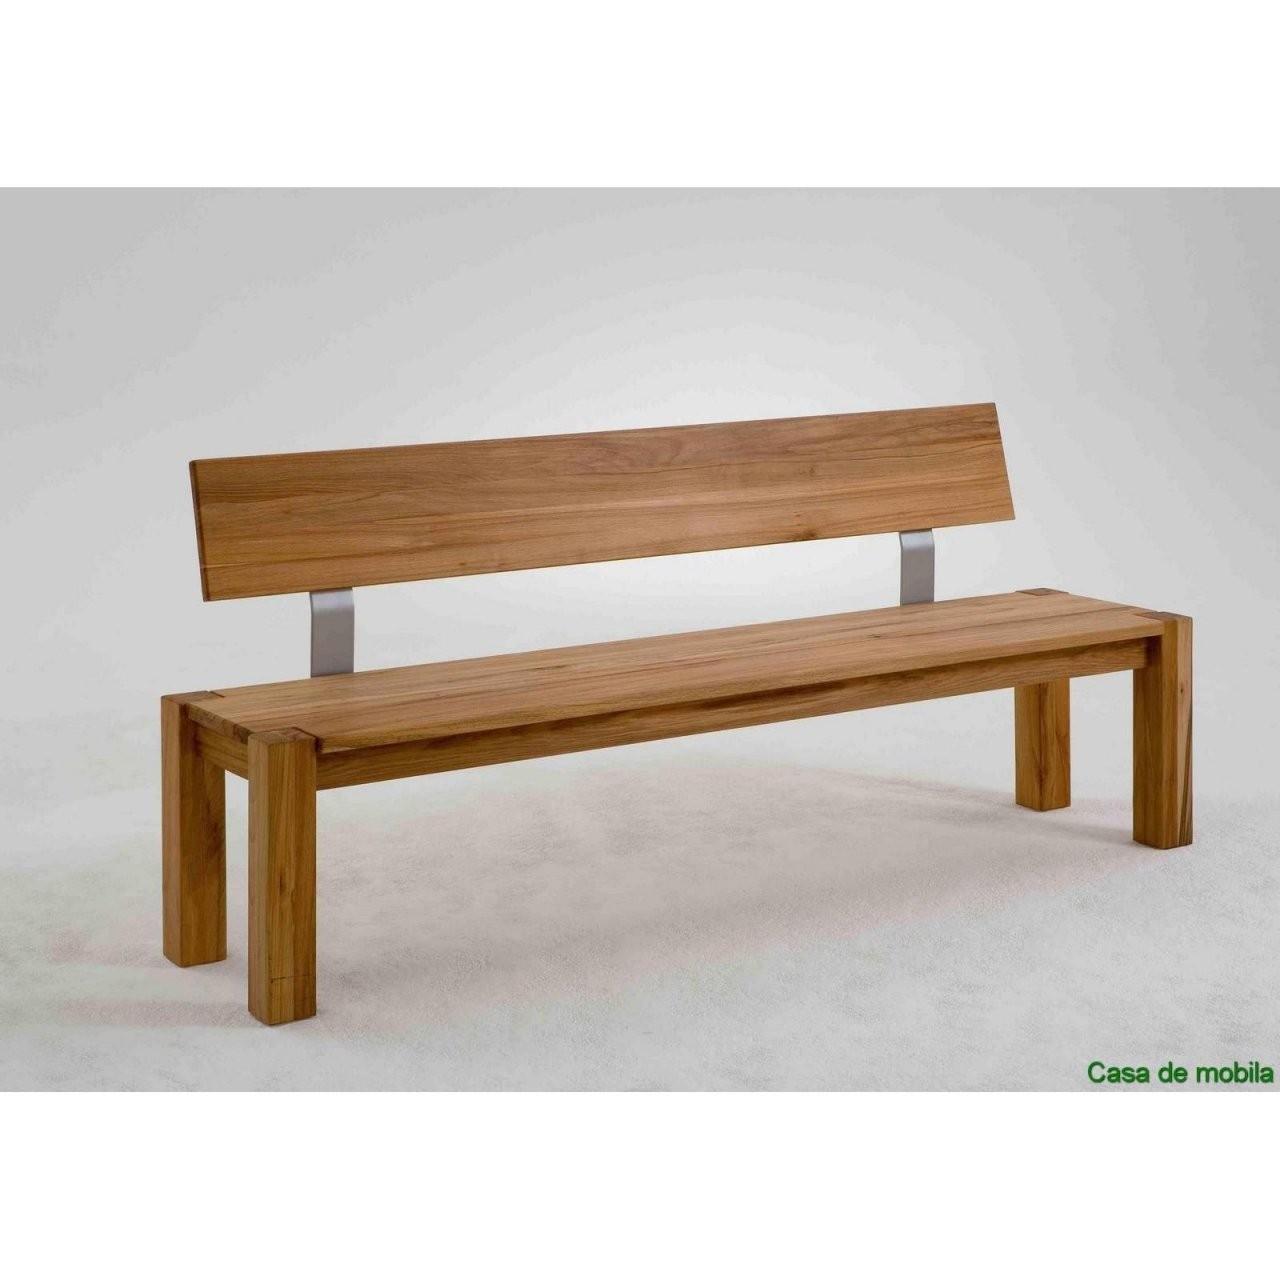 Tolle Sitzbank Massivholz Mit Lehne  Beautiful Benches  Sitzbank von Eckbank Mit Lehne Selber Bauen Photo